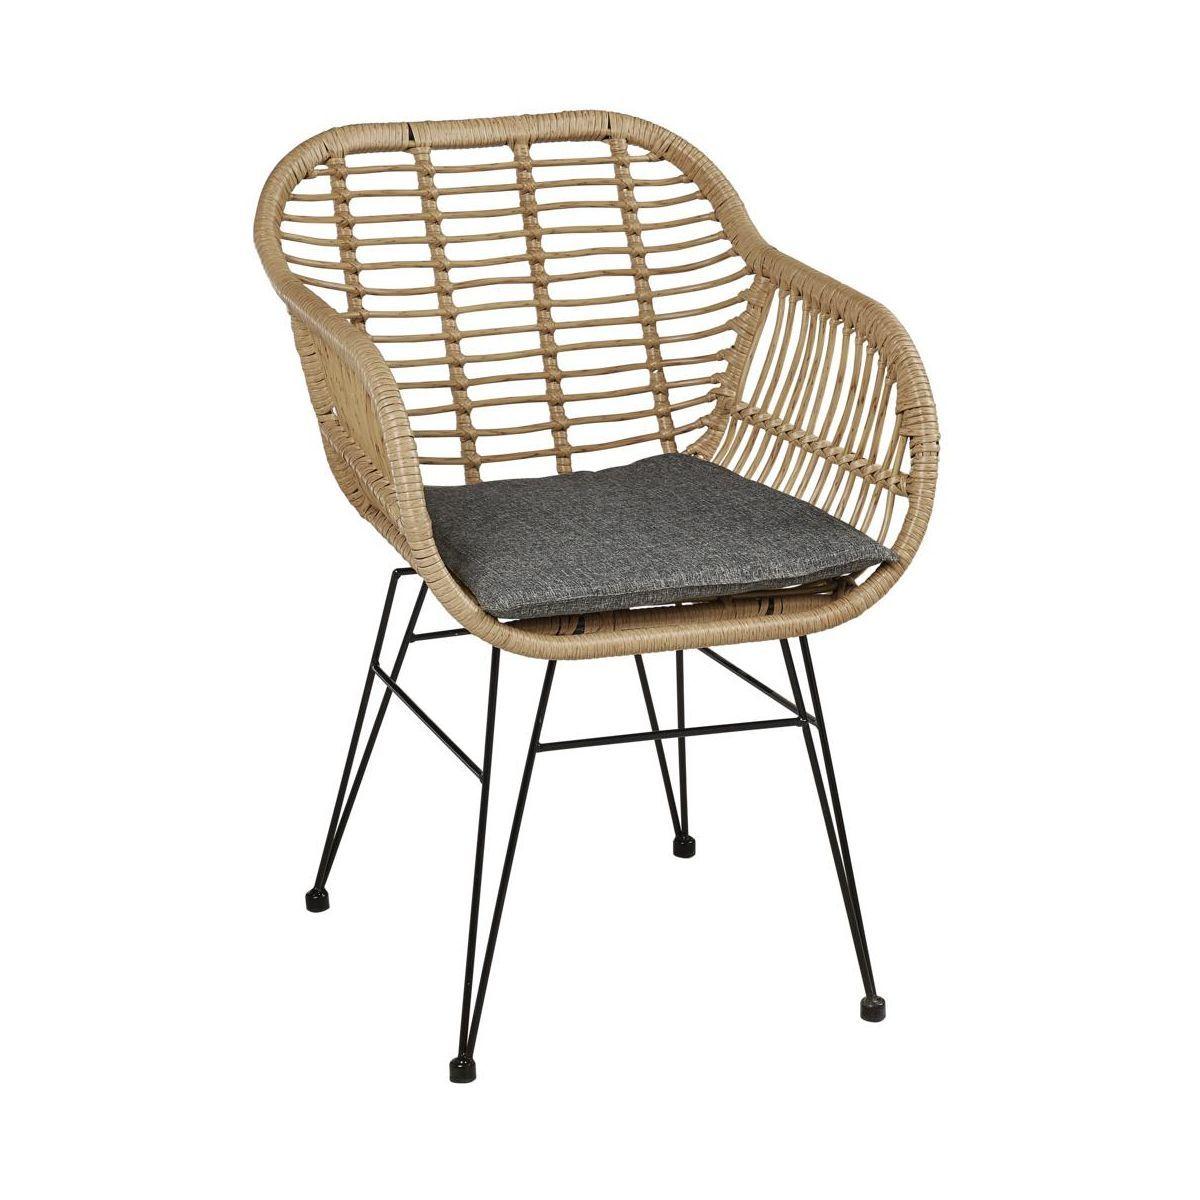 Krzeslo Ogrodowe Orlean Technorattanowe Krzesla Fotele Lawki Ogrodowe W Atrakcyjnej Cenie W Sklepach Leroy Merlin Wicker Chair Furniture Chair